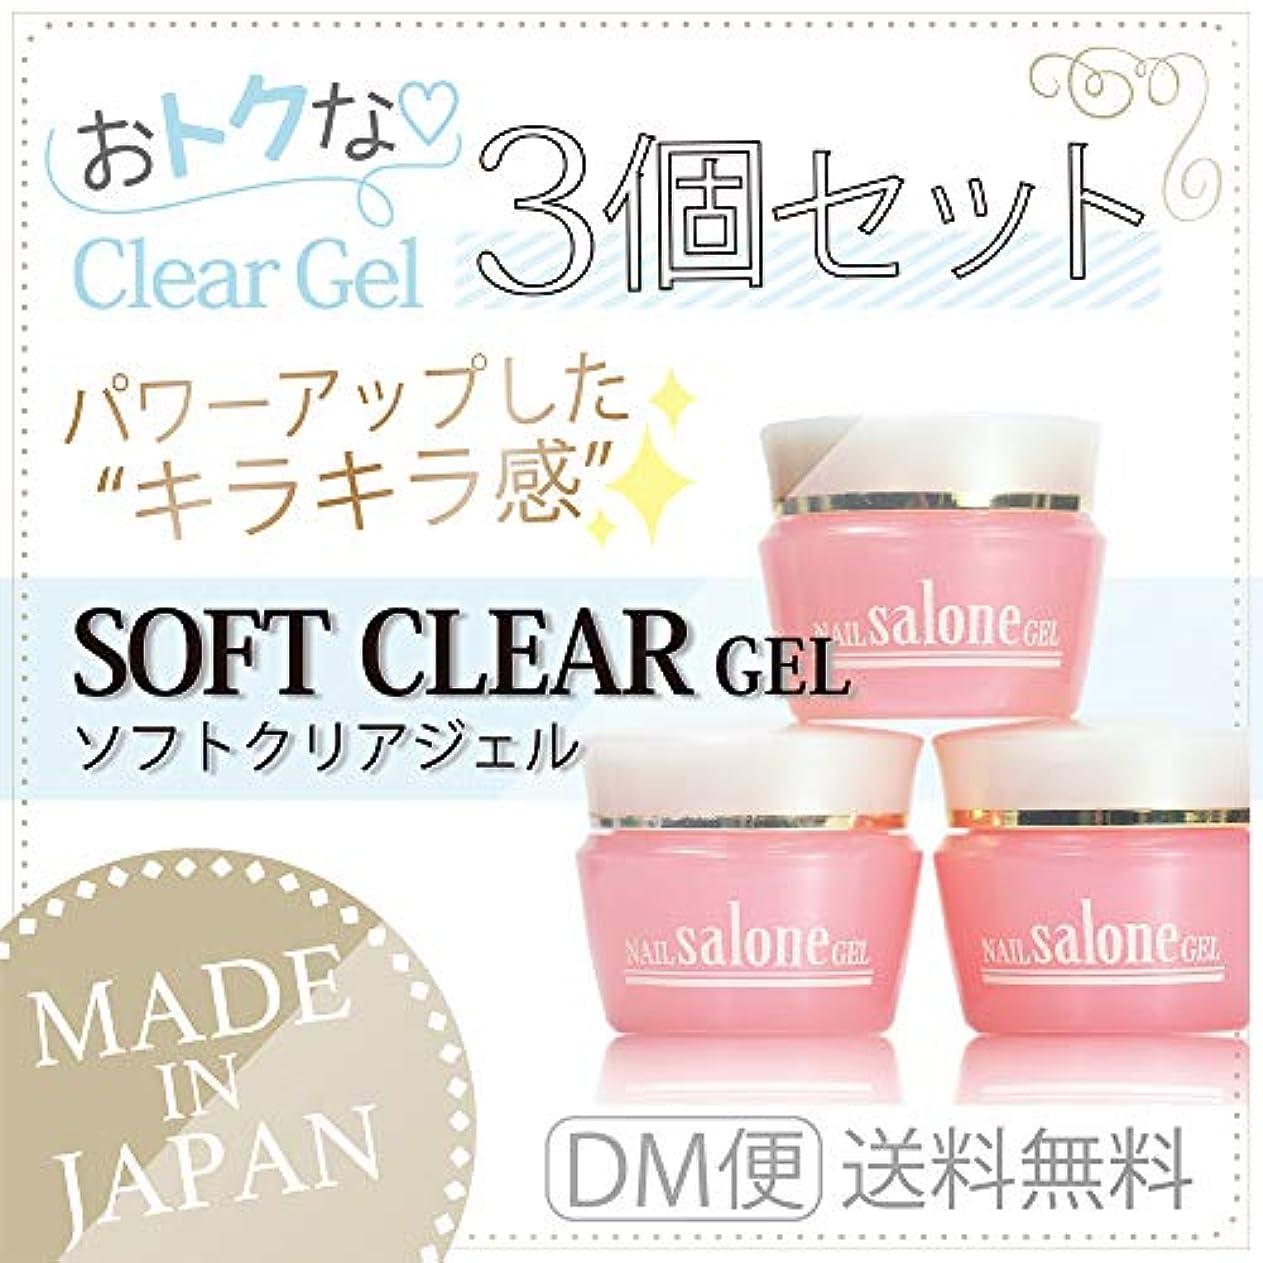 発明駐地繁栄するSalone gel サローネ ソフトクリアージェル お得な3個セット ツヤツヤ キラキラ感持続 抜群のツヤ 爪に優しい日本製 3g